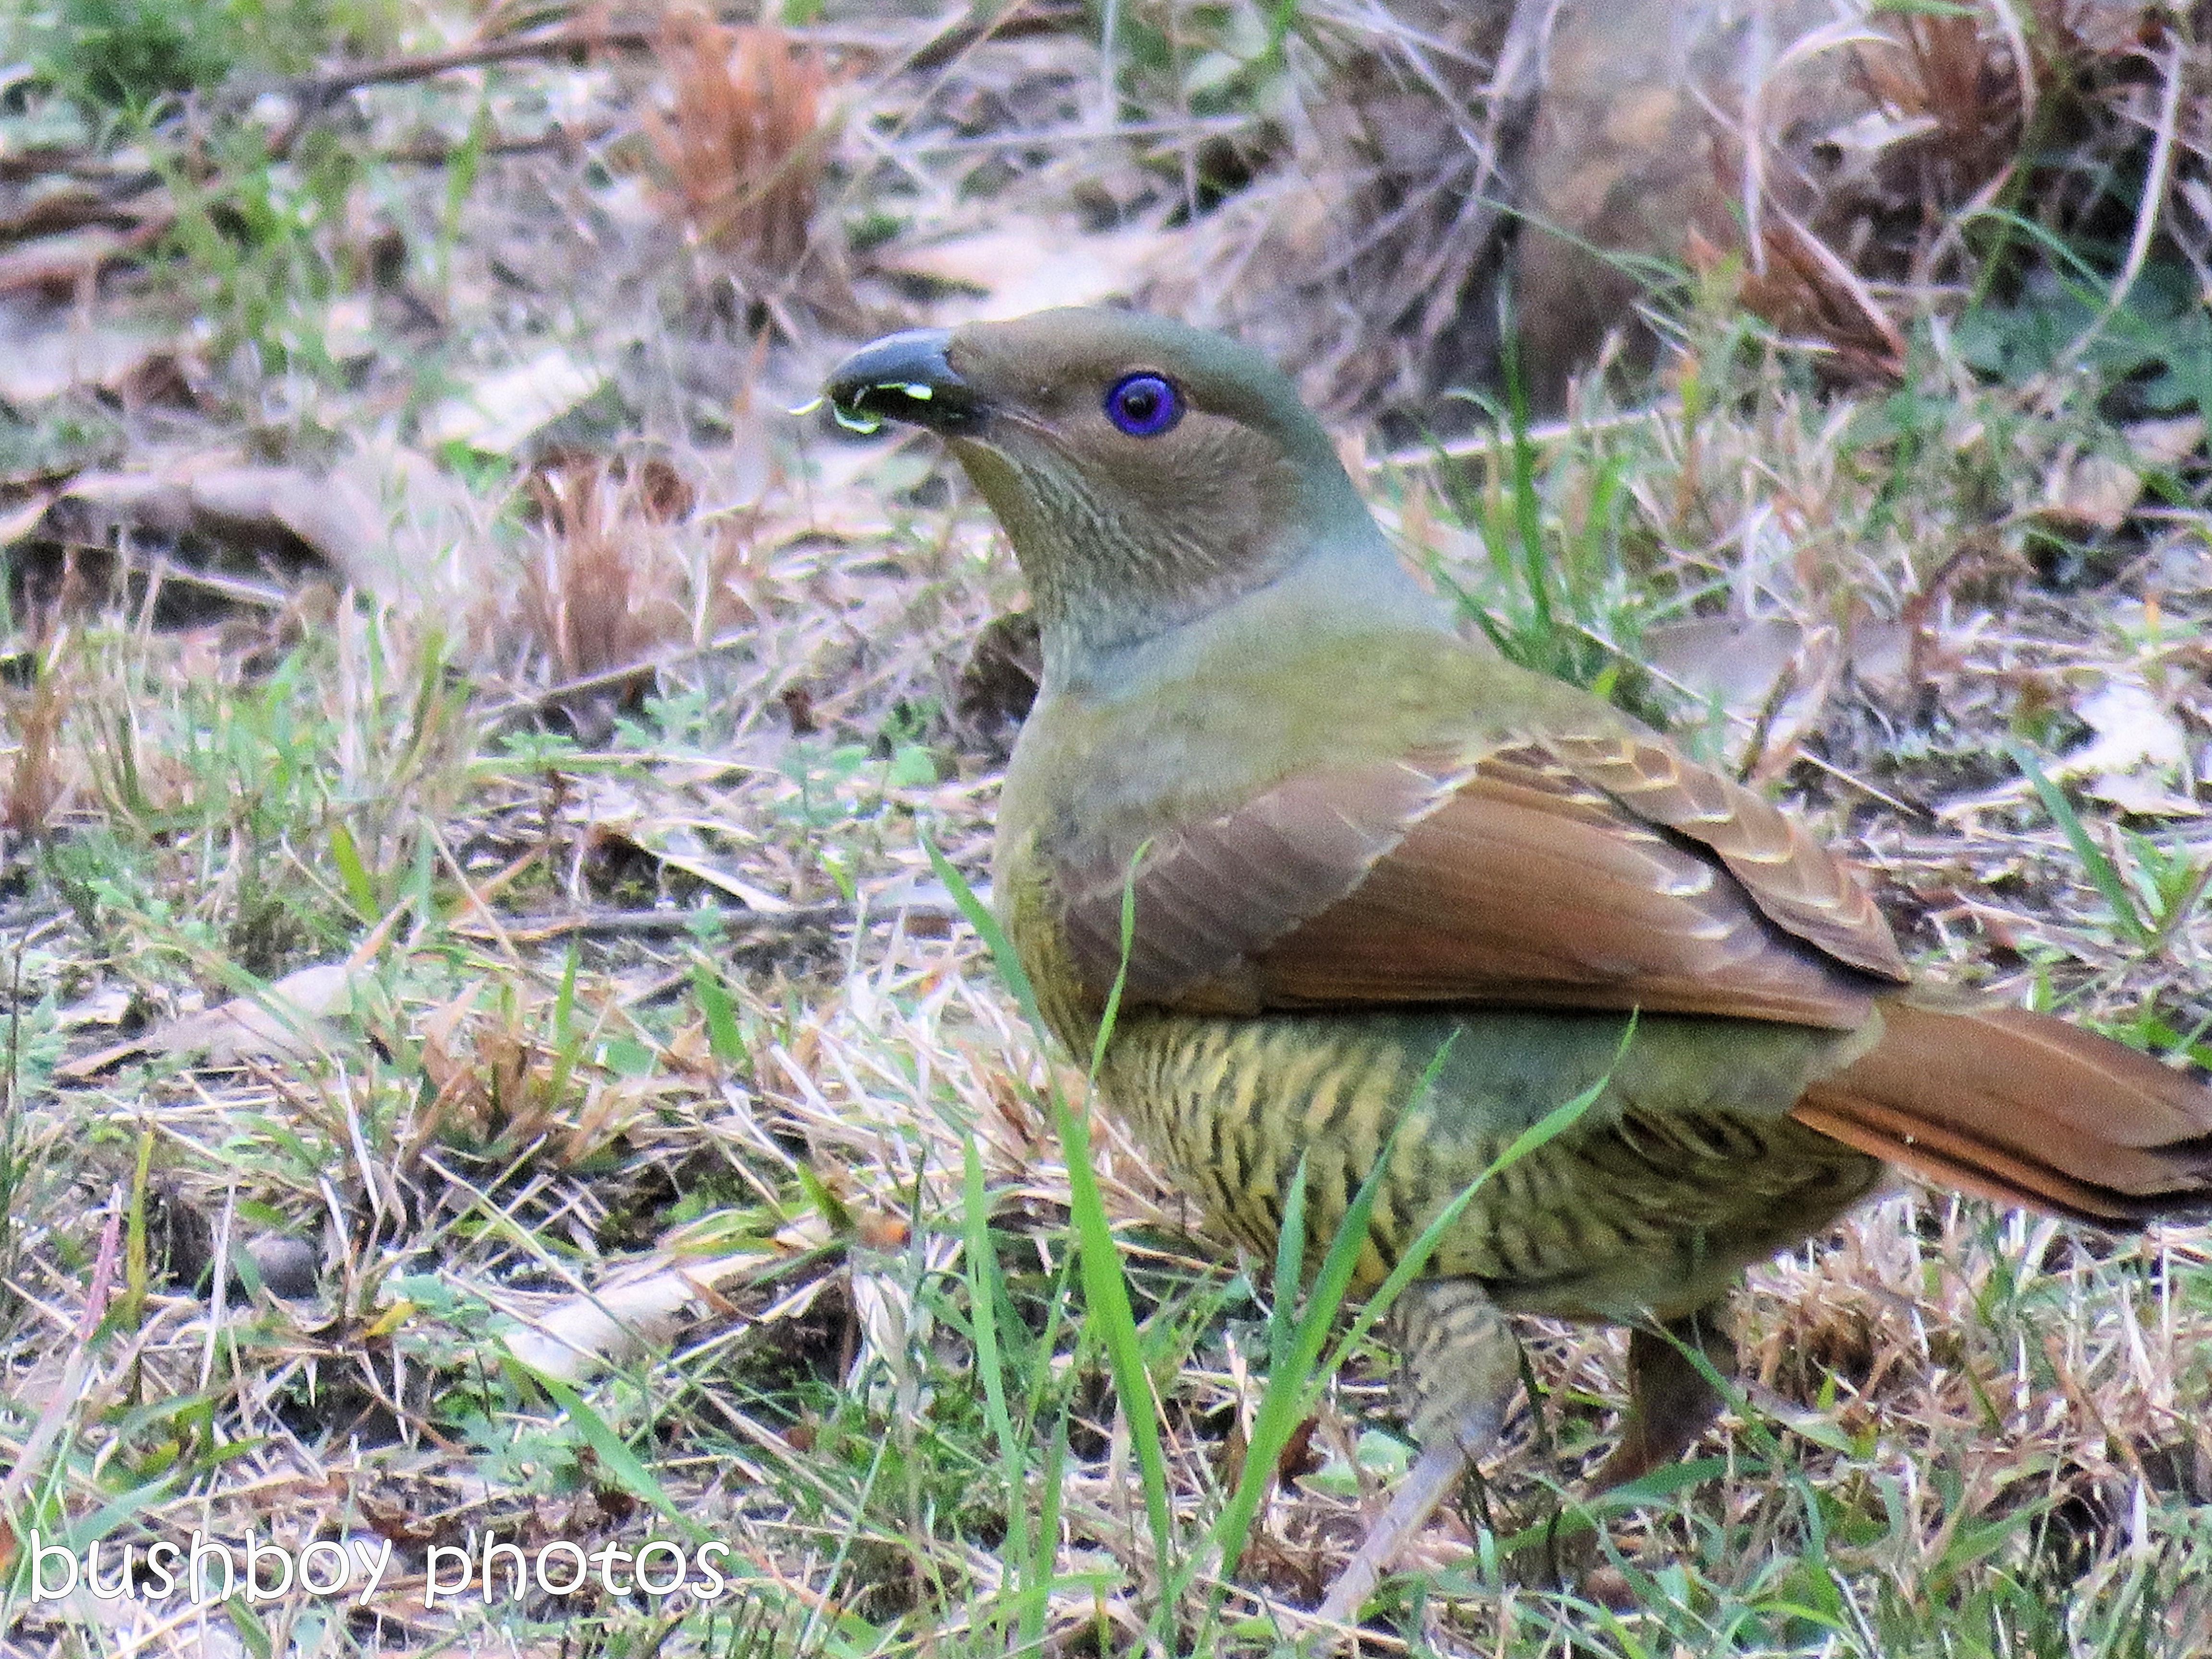 satin bower bird female_named_home_august 2017